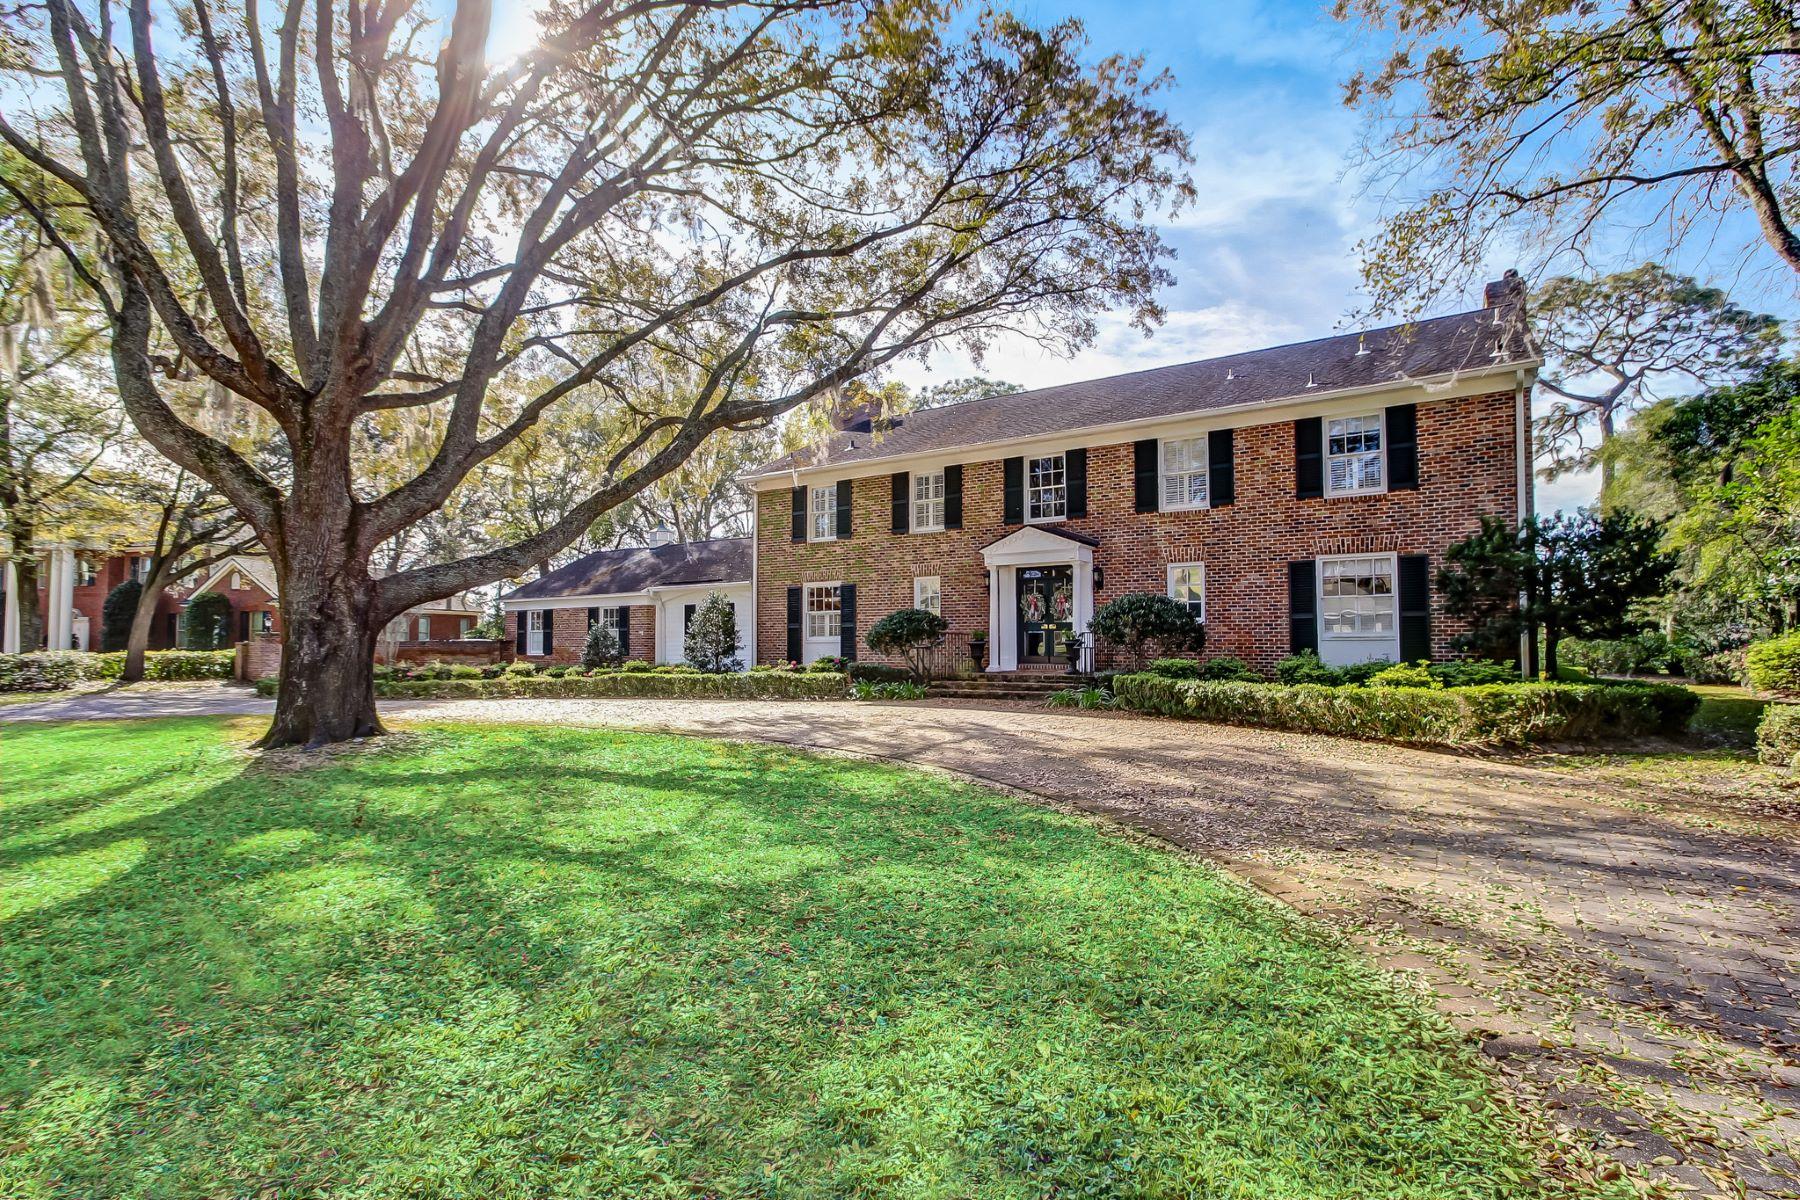 Tek Ailelik Ev için Satış at Golf course Home on the 1st Fairway 10120 Whippoorwill Lane Deerwood, Jacksonville, Florida, 32256 Amerika Birleşik Devletleri